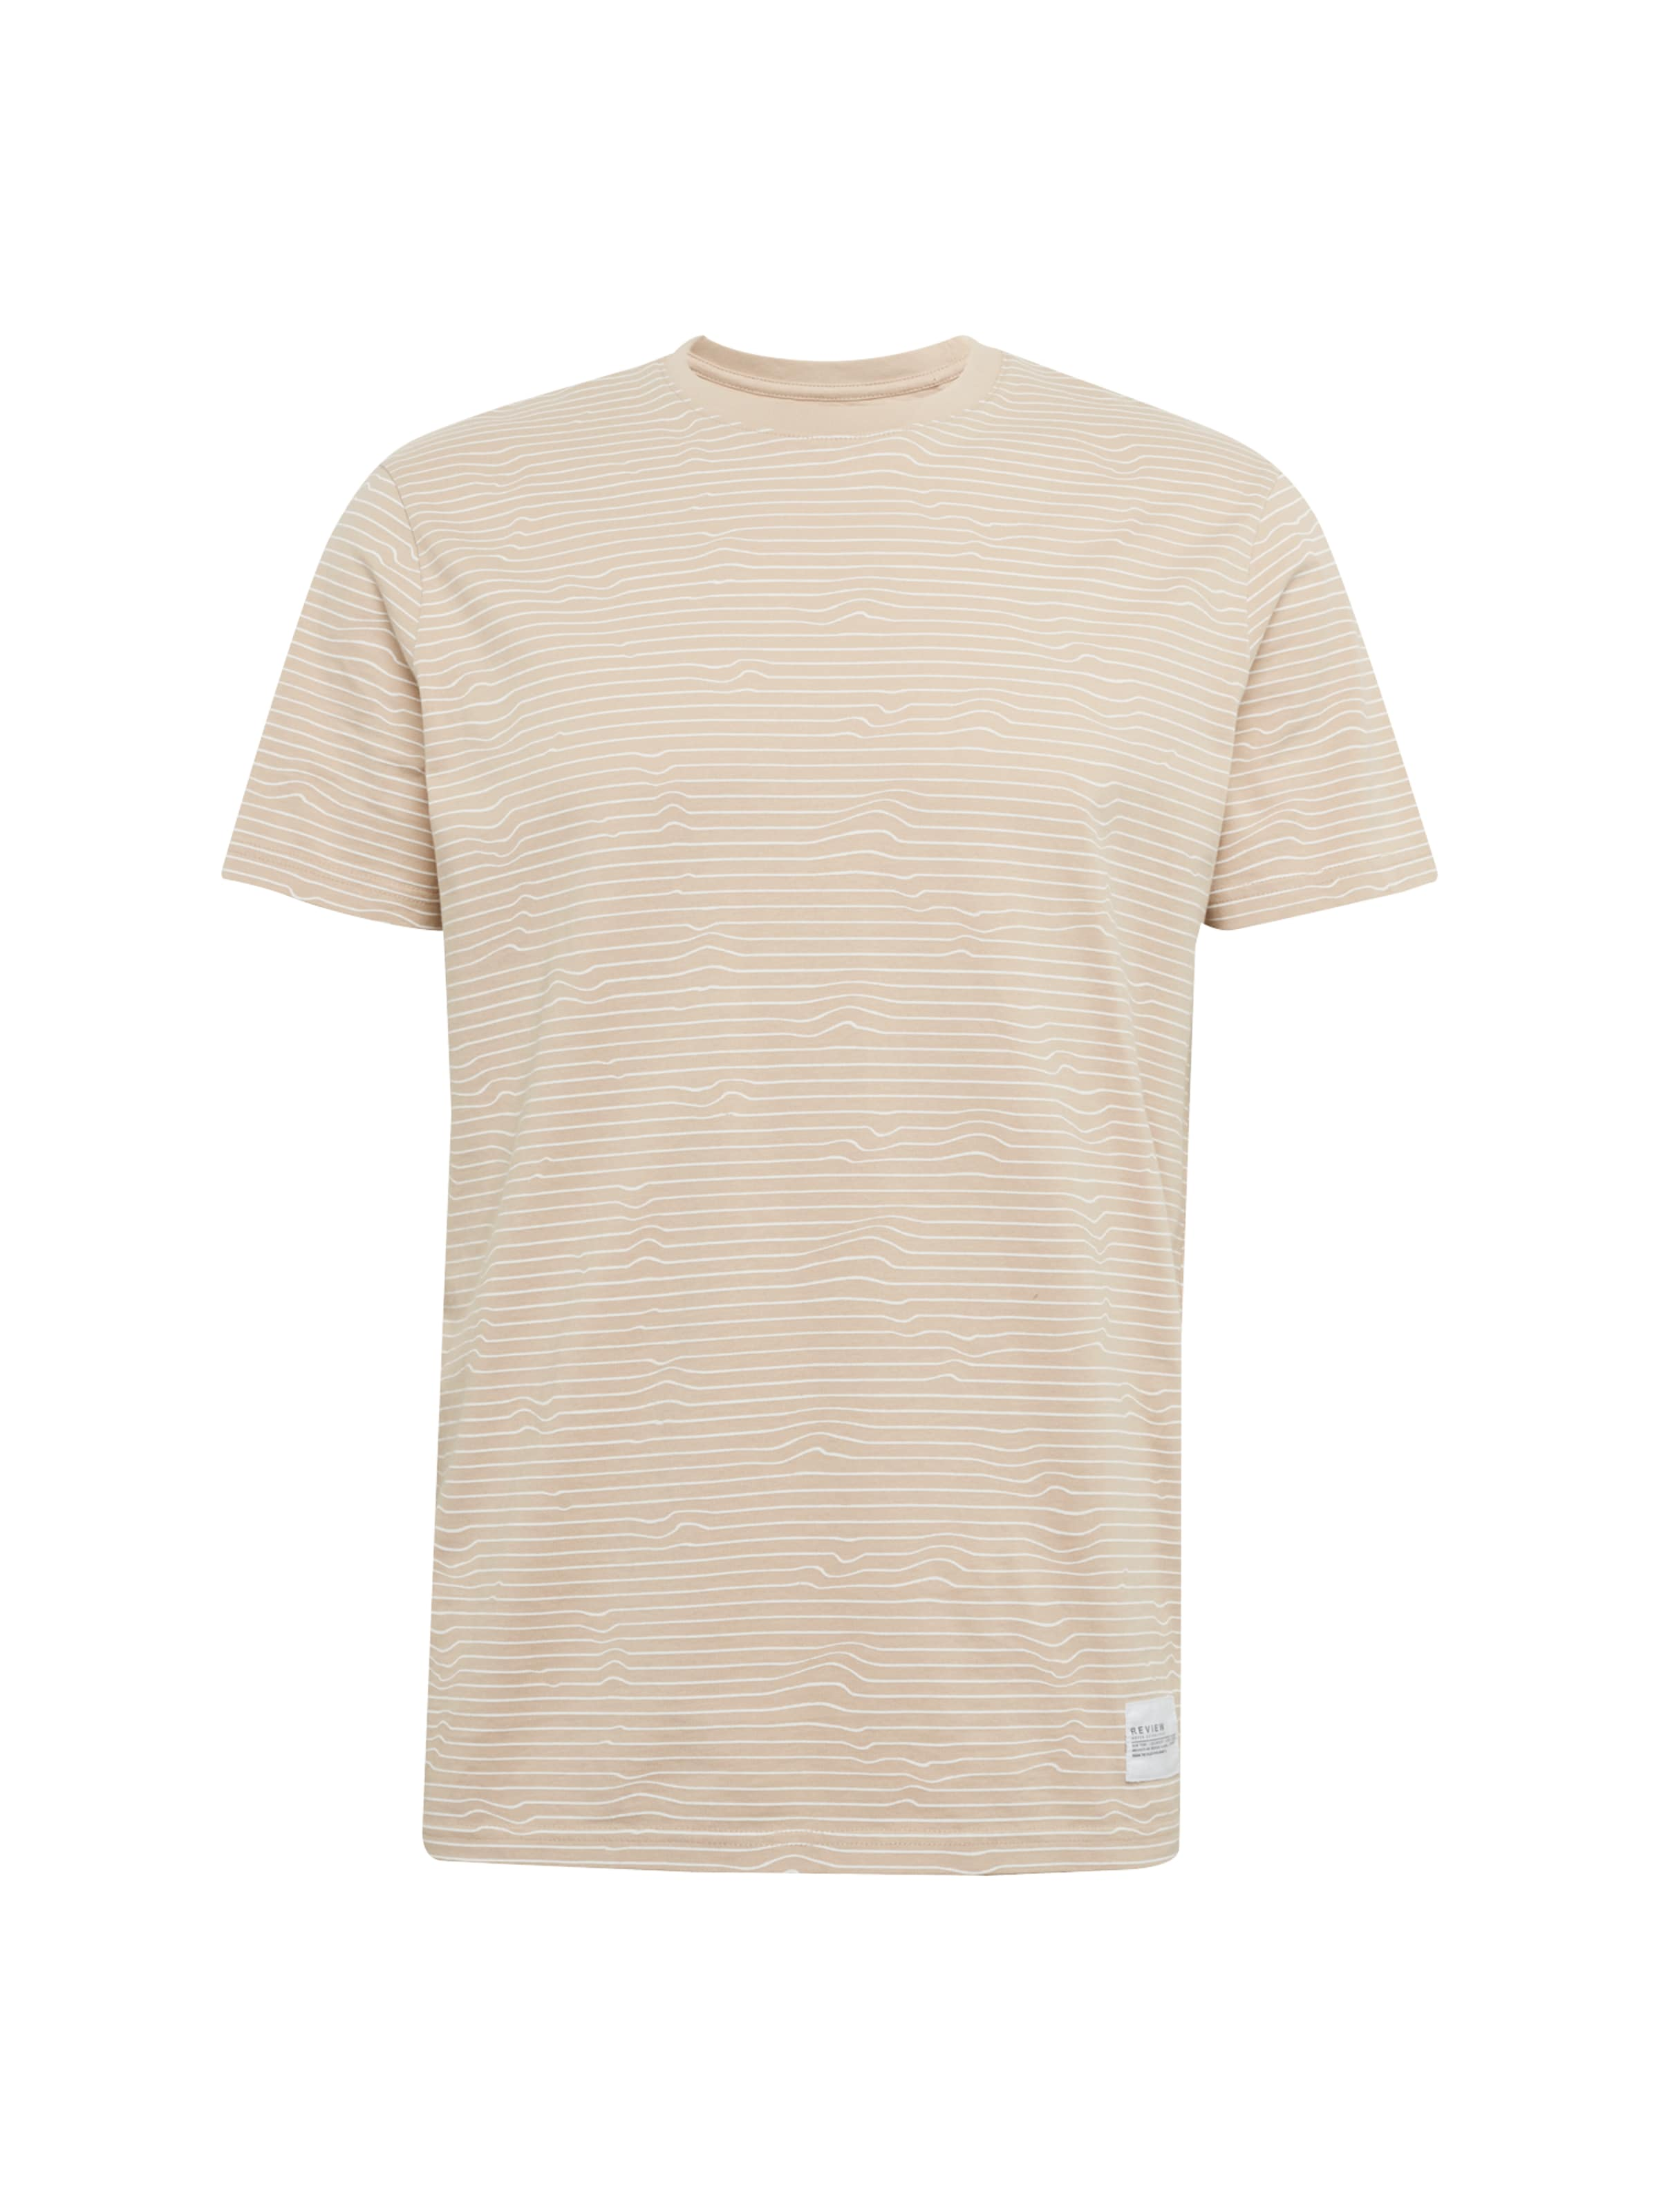 Shirt 'cn In Aop' Beige Bump Review XZON0k8nwP